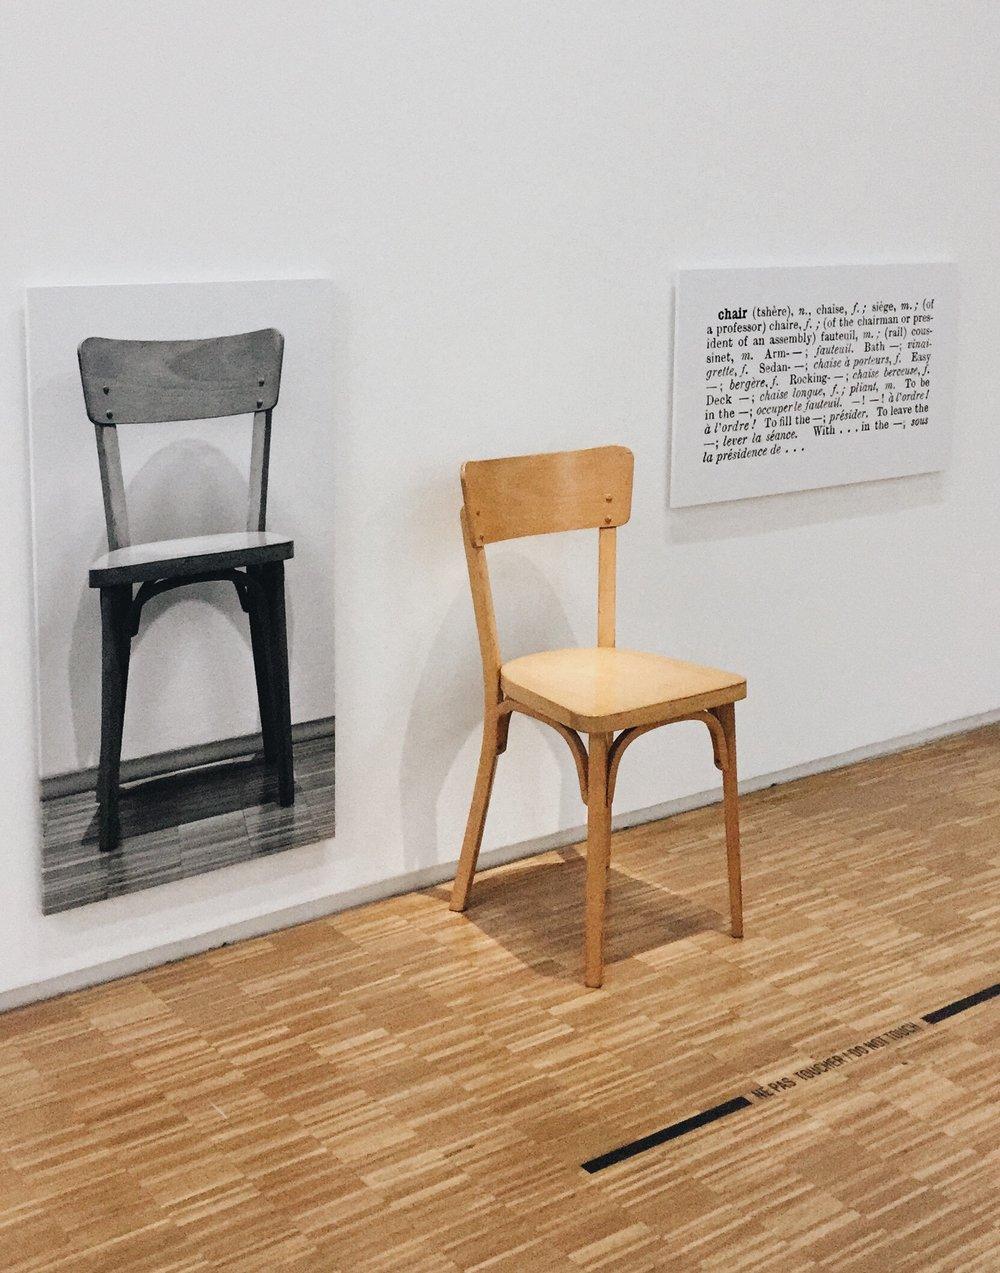 Joseph Kosuth,  One and Three Chairs